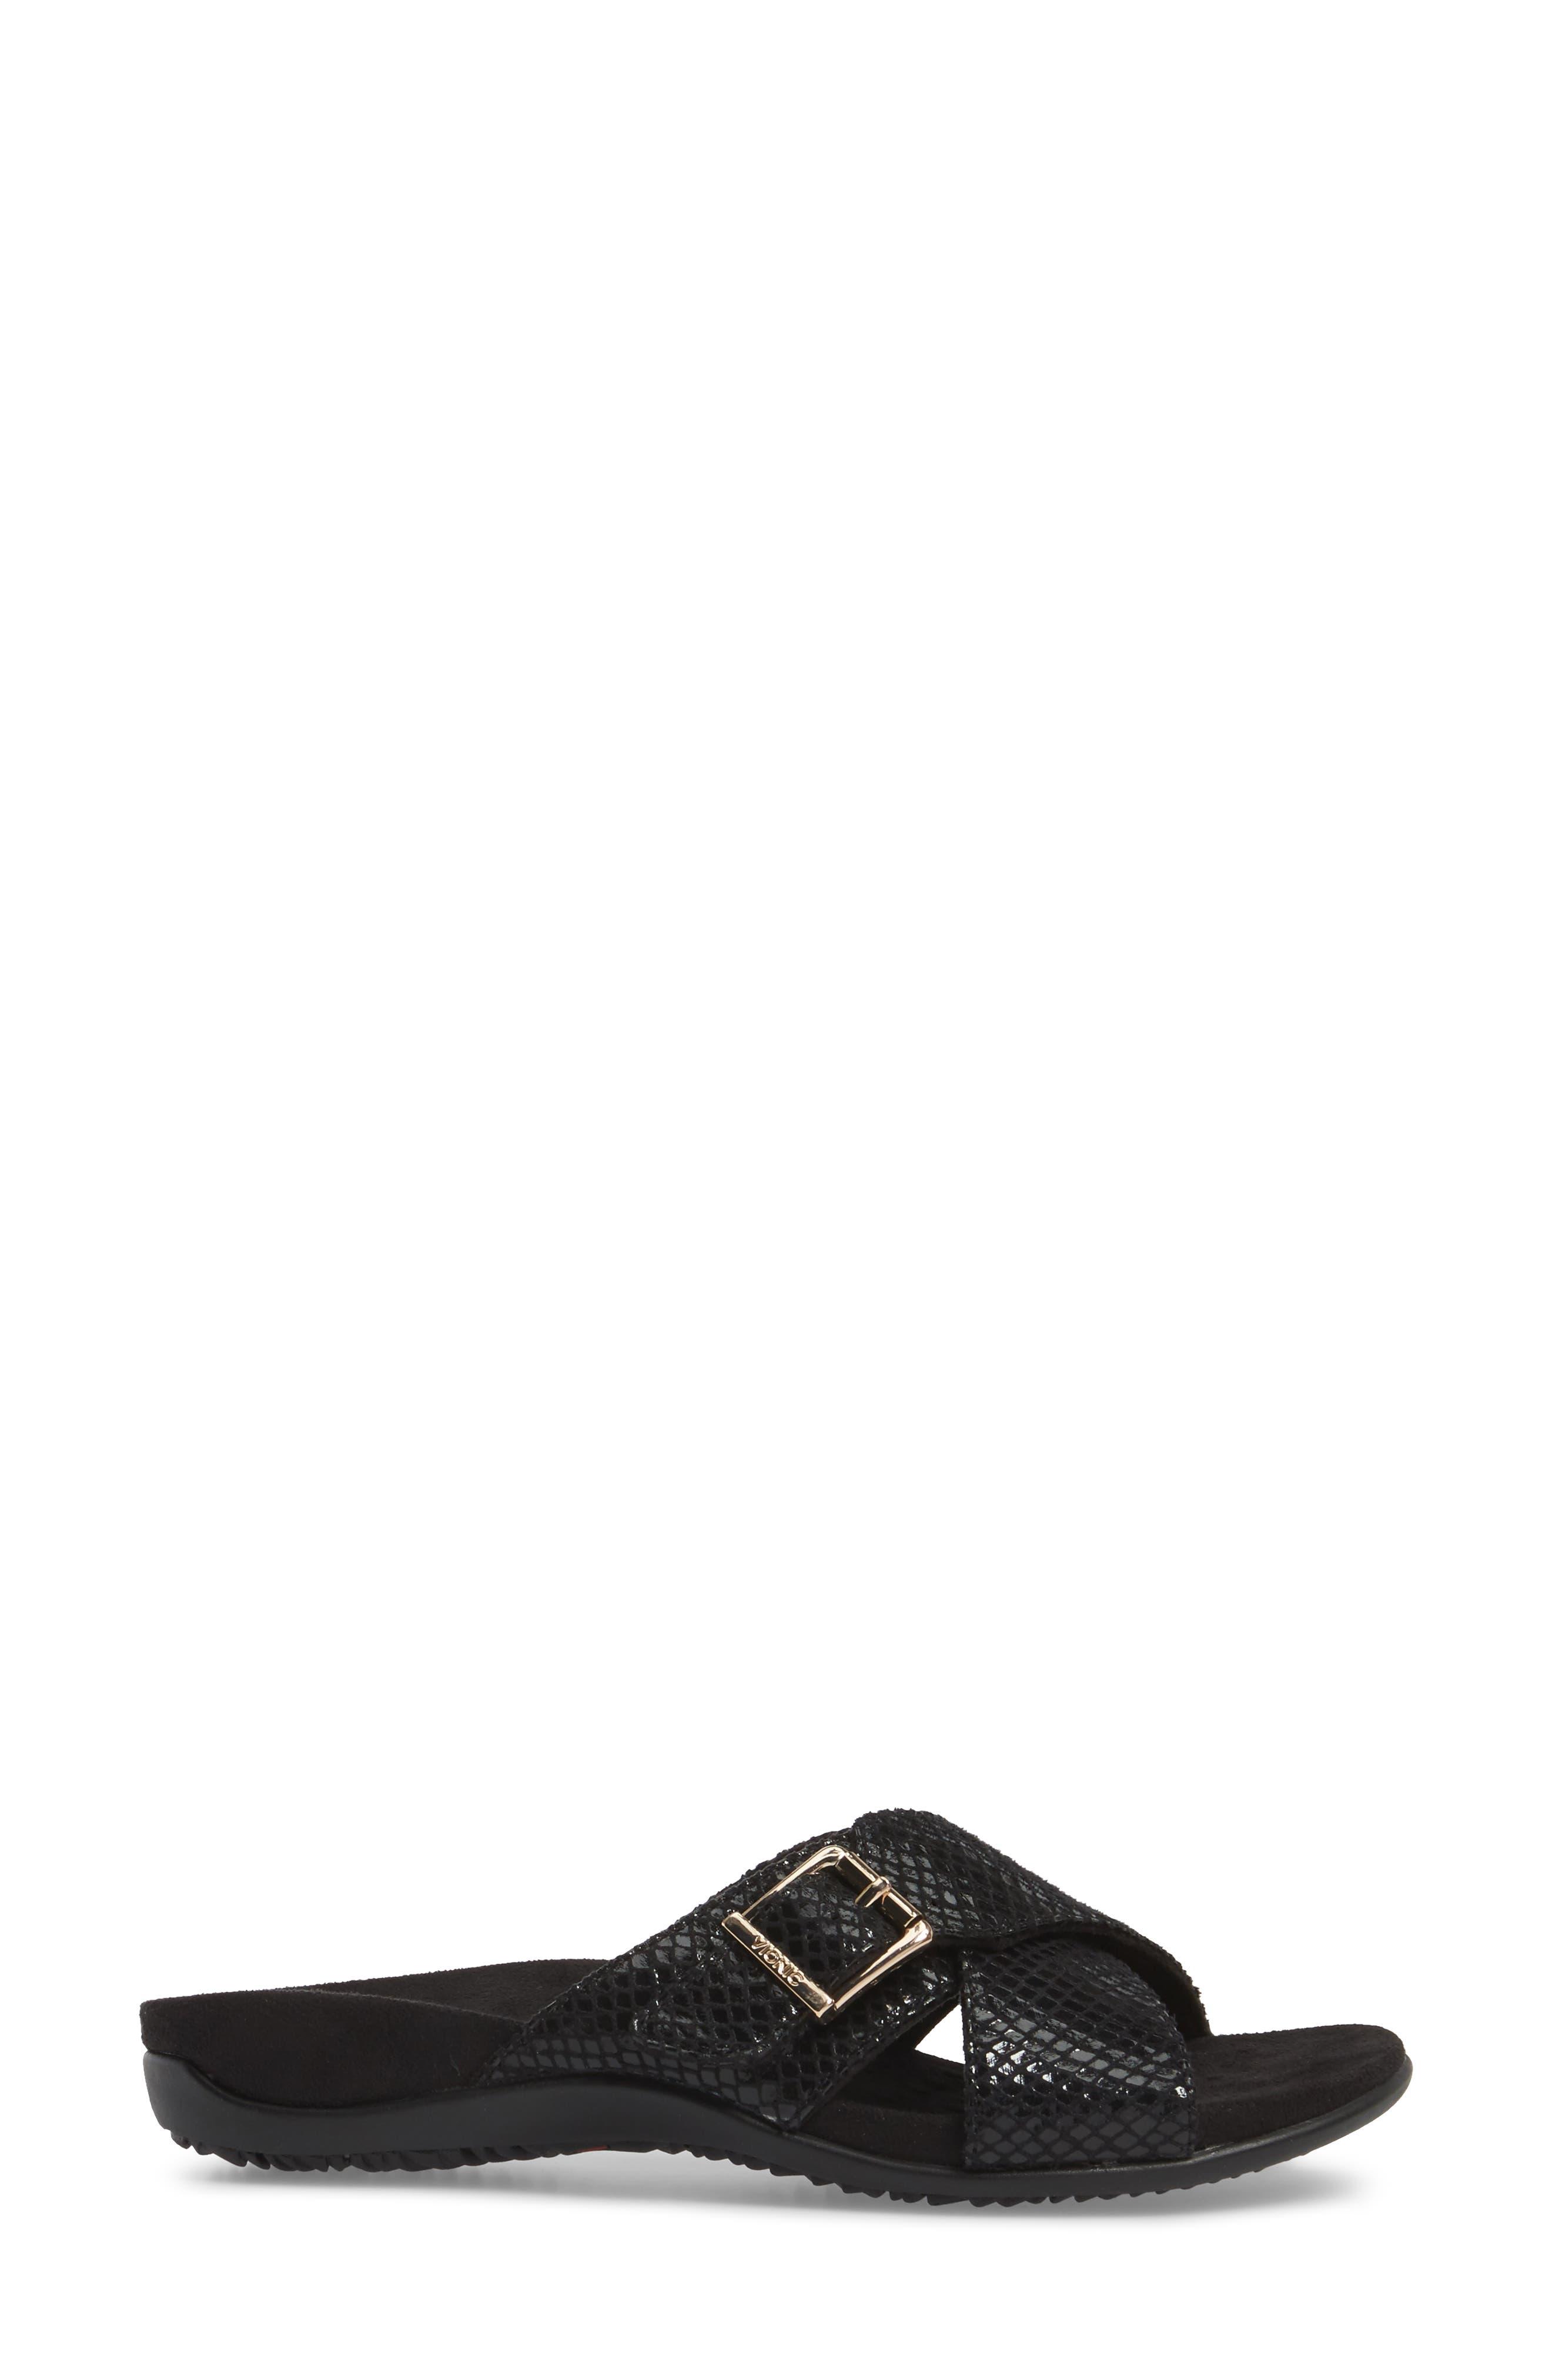 Dorie Cross Strap Slide Sandal,                             Alternate thumbnail 3, color,                             Black Snake Faux Leather